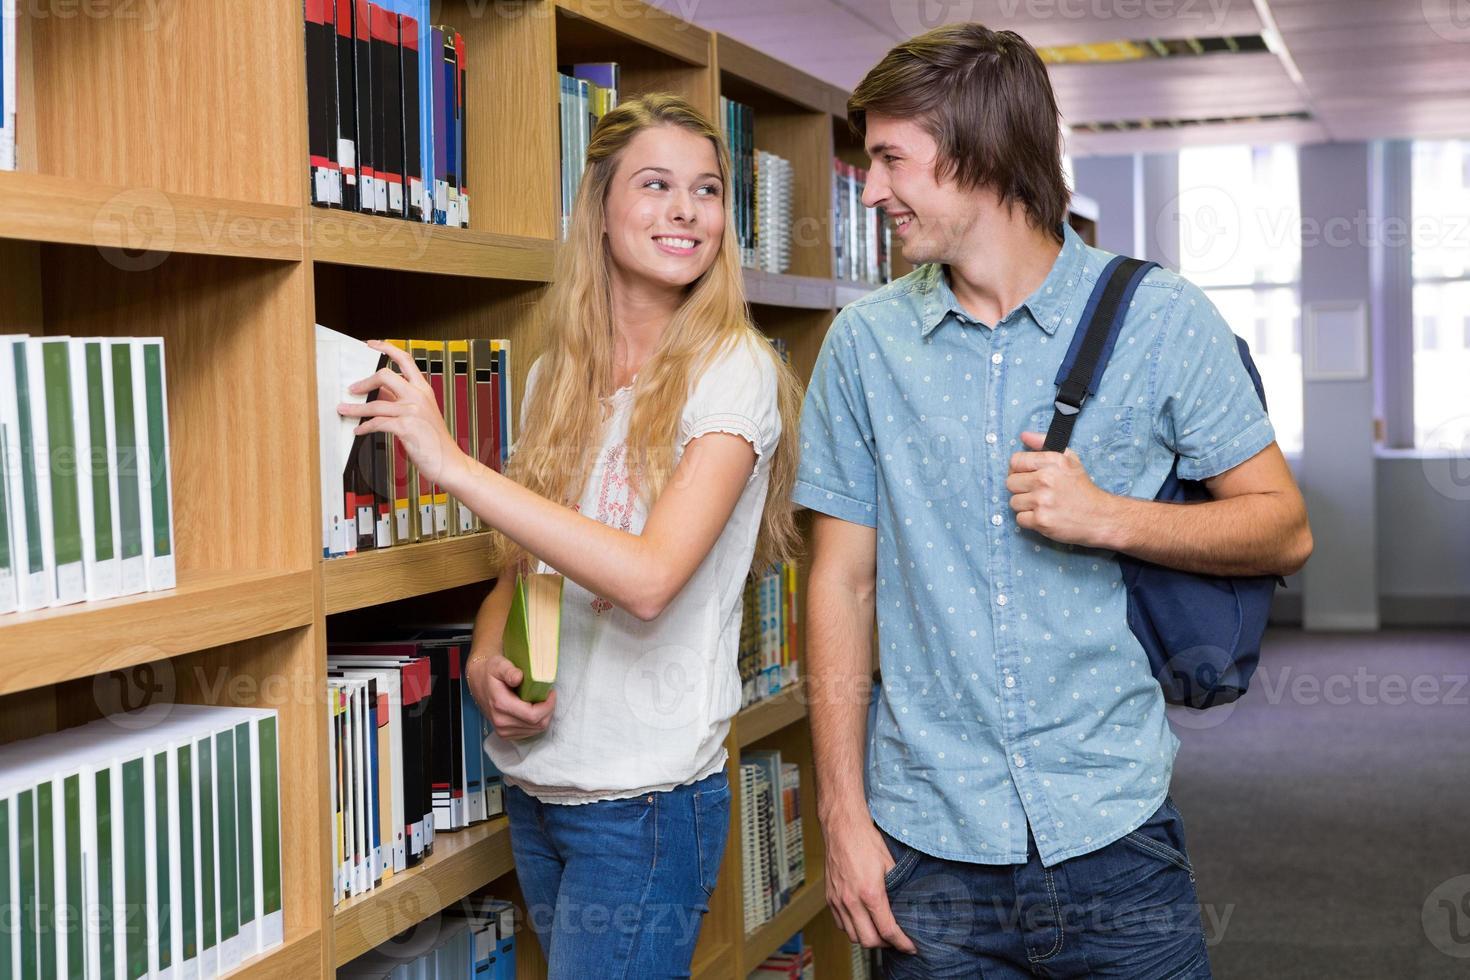 Studenten diskutieren in der Bibliothek foto